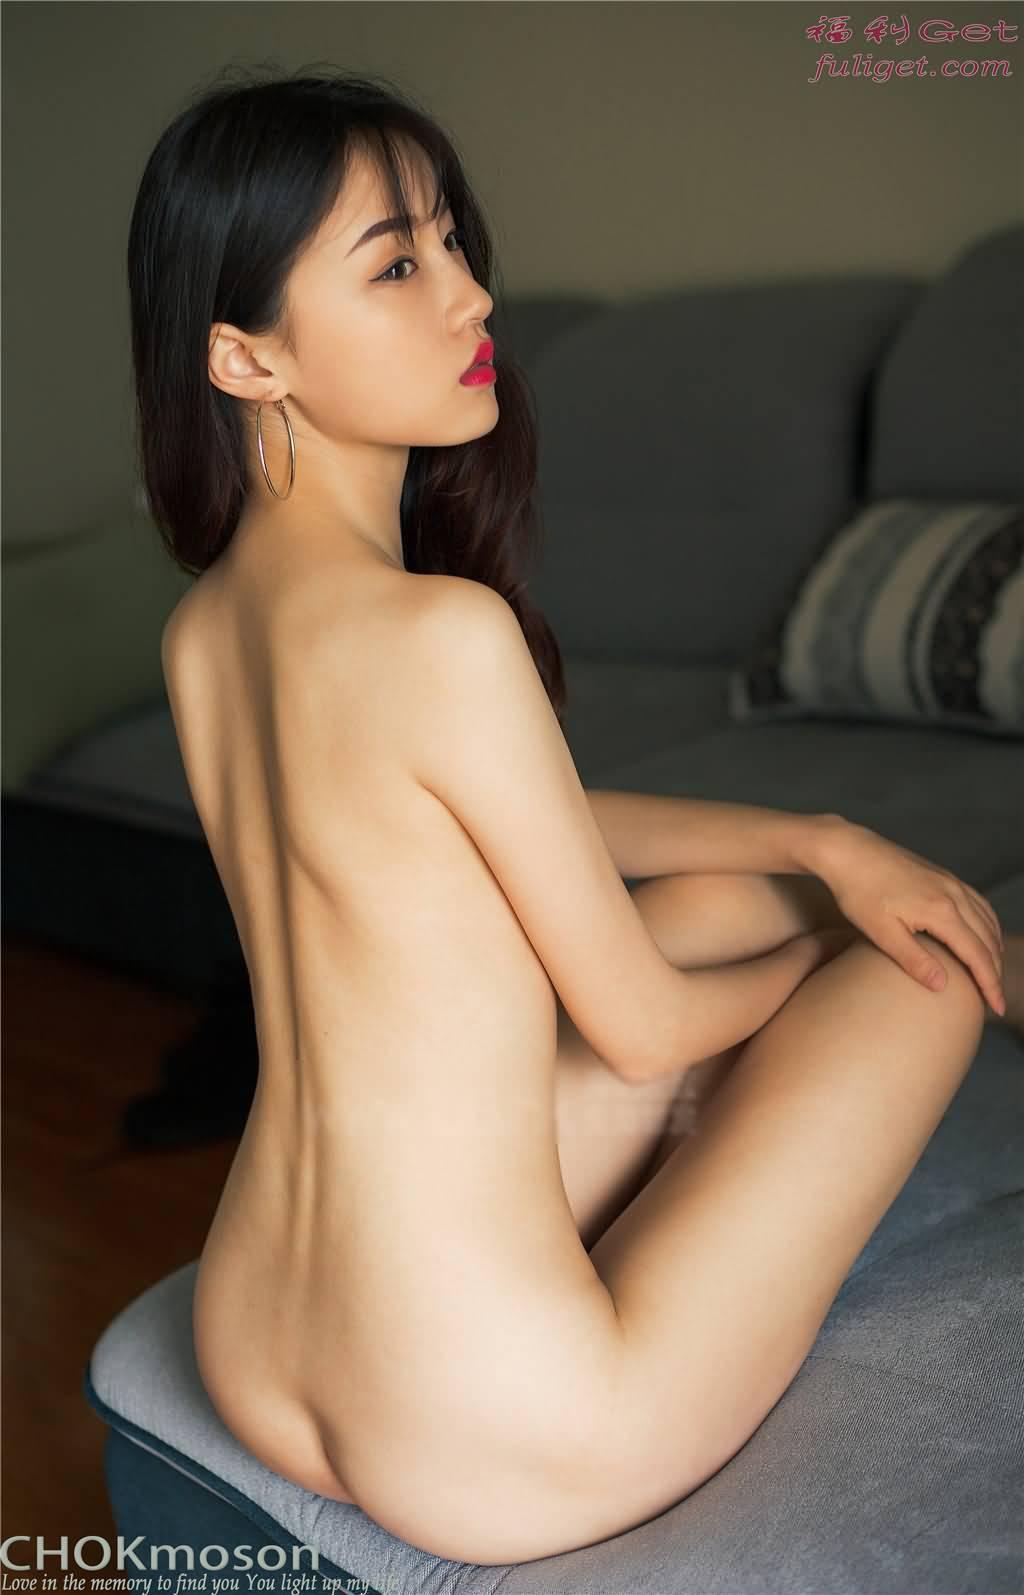 CHOKmoson脱神作品《少女脱》[108P/1.60G]